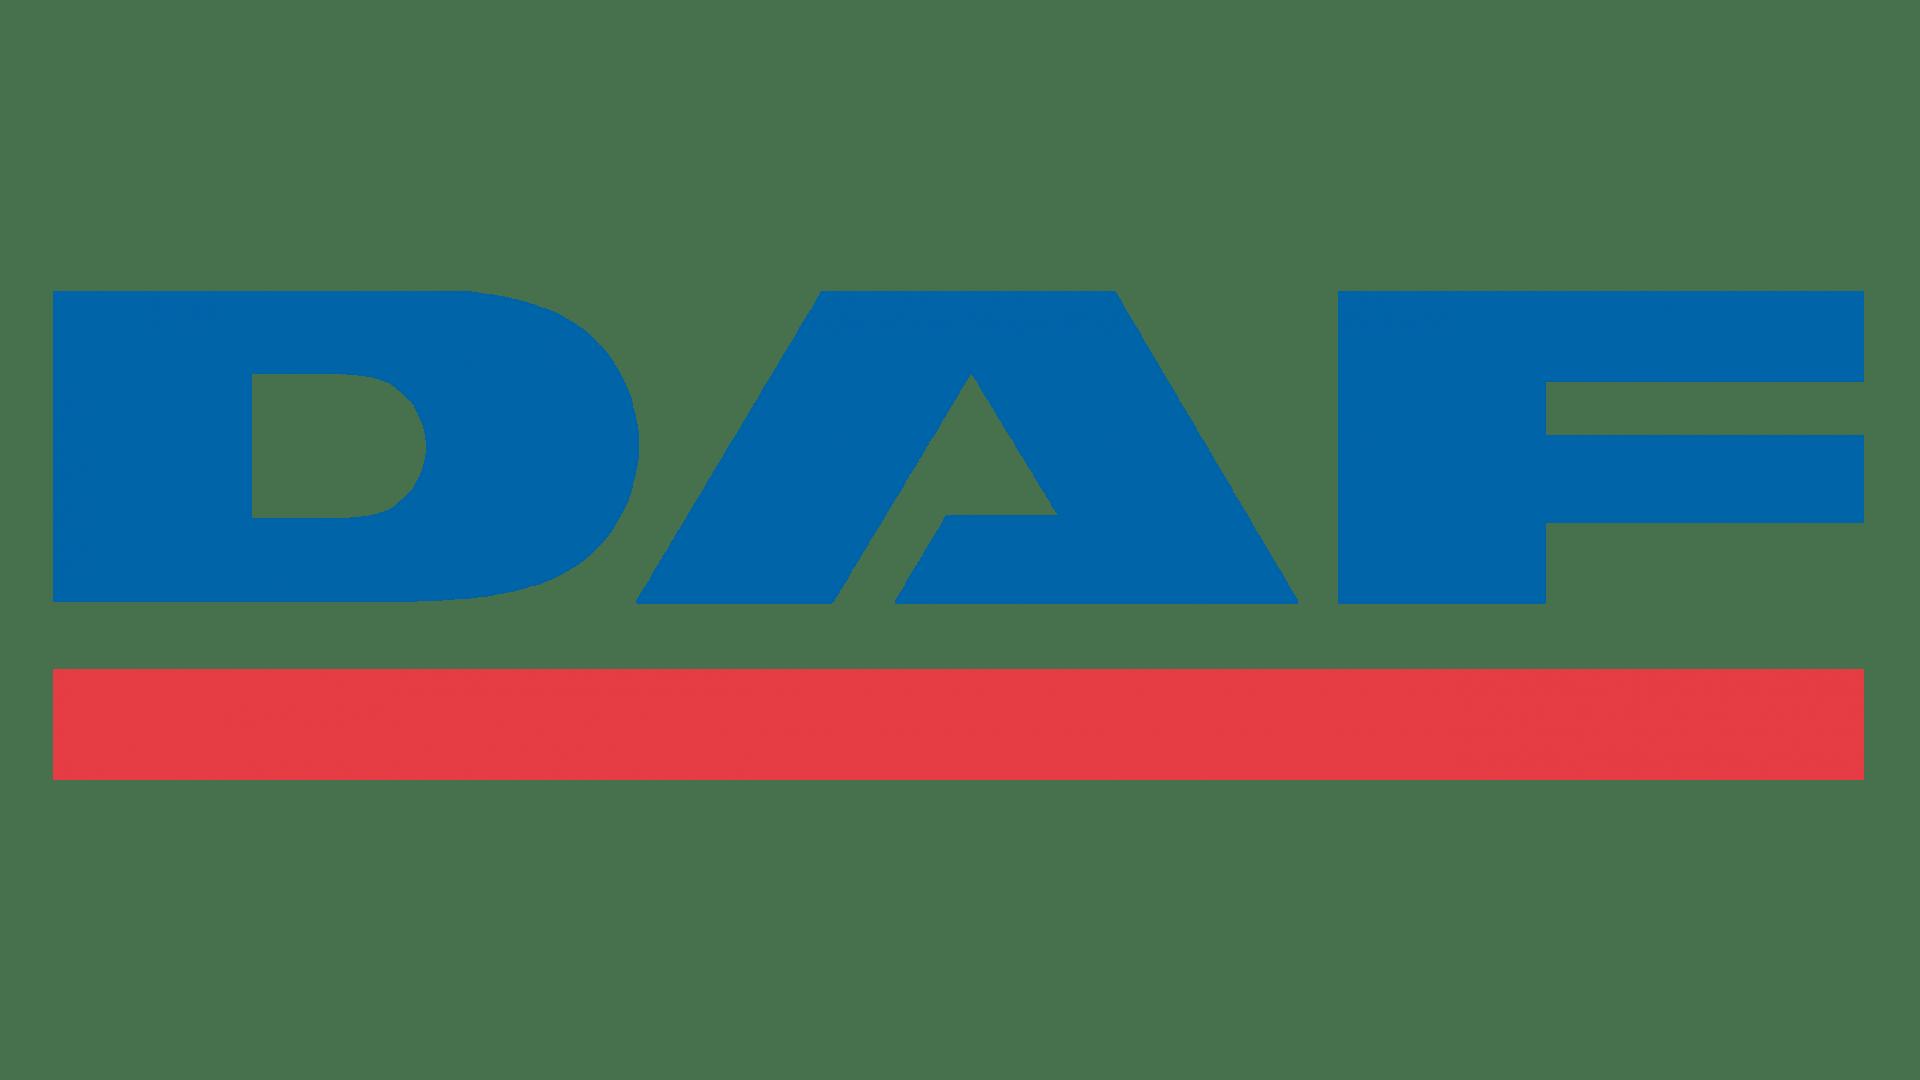 Логотип DAF (Van Doorne's Aanhangwagen Fabriek)